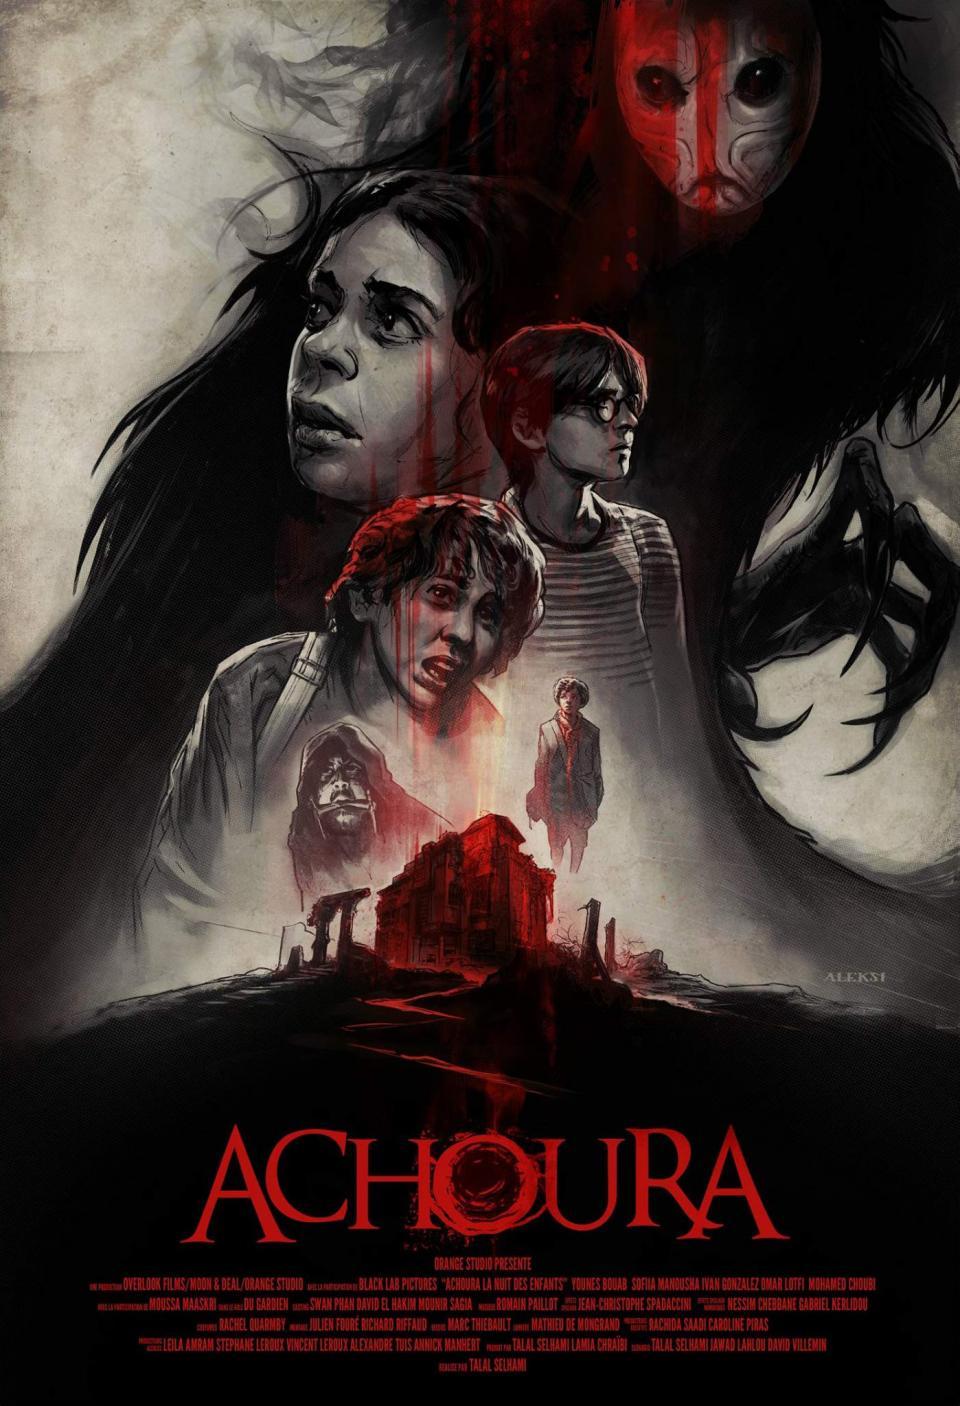 """""""Achoura"""" verbreitet Angst und Schrecken im Trailer zum Fantasy-Horrorfilm"""